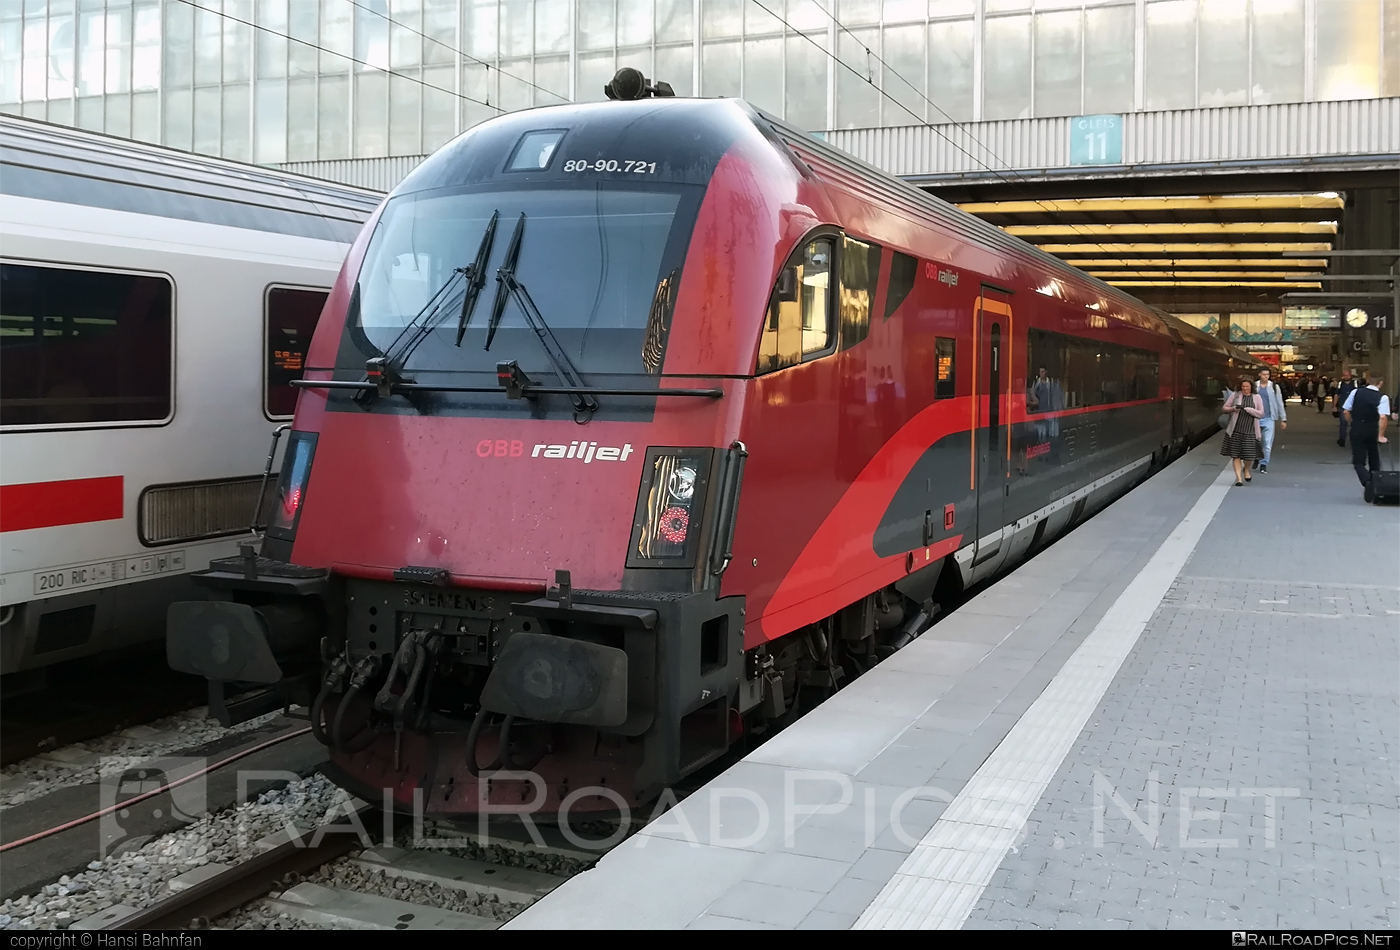 Class A - Afmpz 80-90 control car - 80-90.721 operated by Österreichische Bundesbahnen #obb #obbrailjet #osterreichischebundesbahnen #railjet